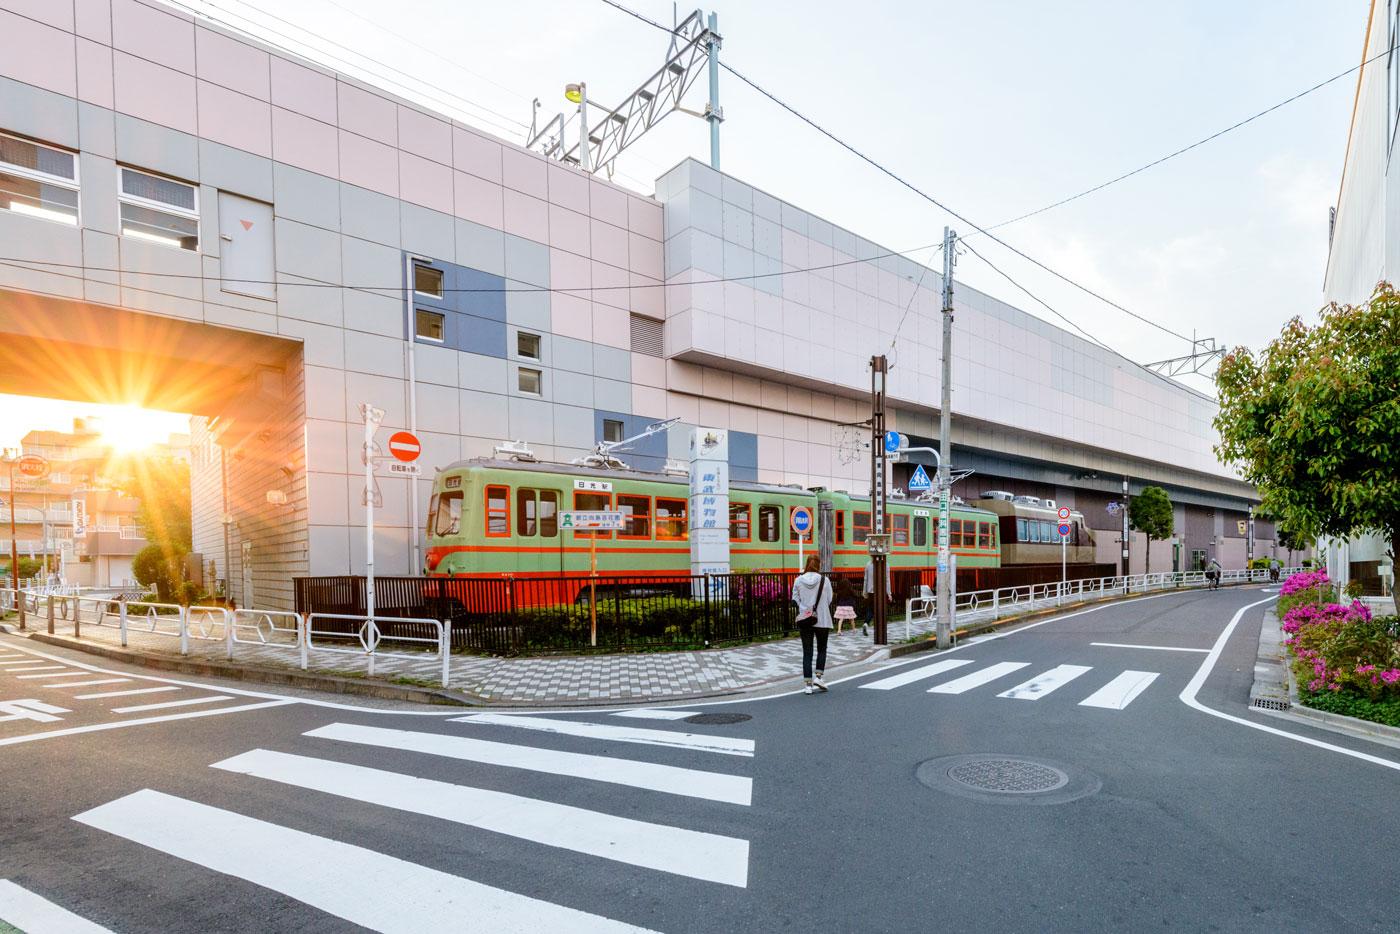 「東向島」駅2(東武電車の展示)